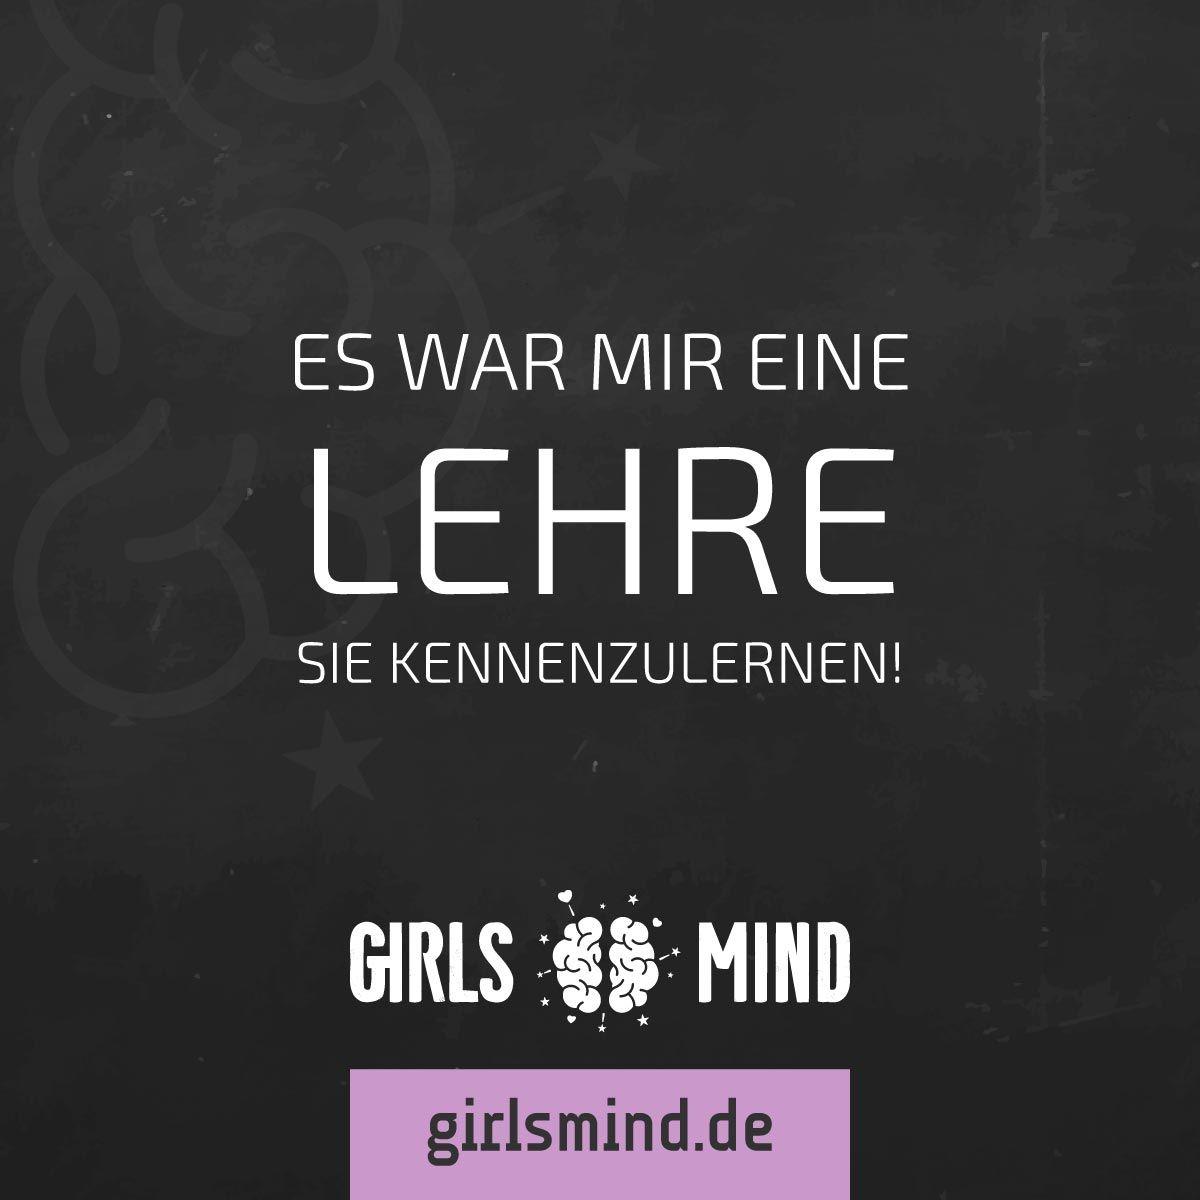 sprüche enttäuschung wut Mehr Sprüche auf: .girlsmind.de #lehre #erfahrung #enttäuschung  sprüche enttäuschung wut